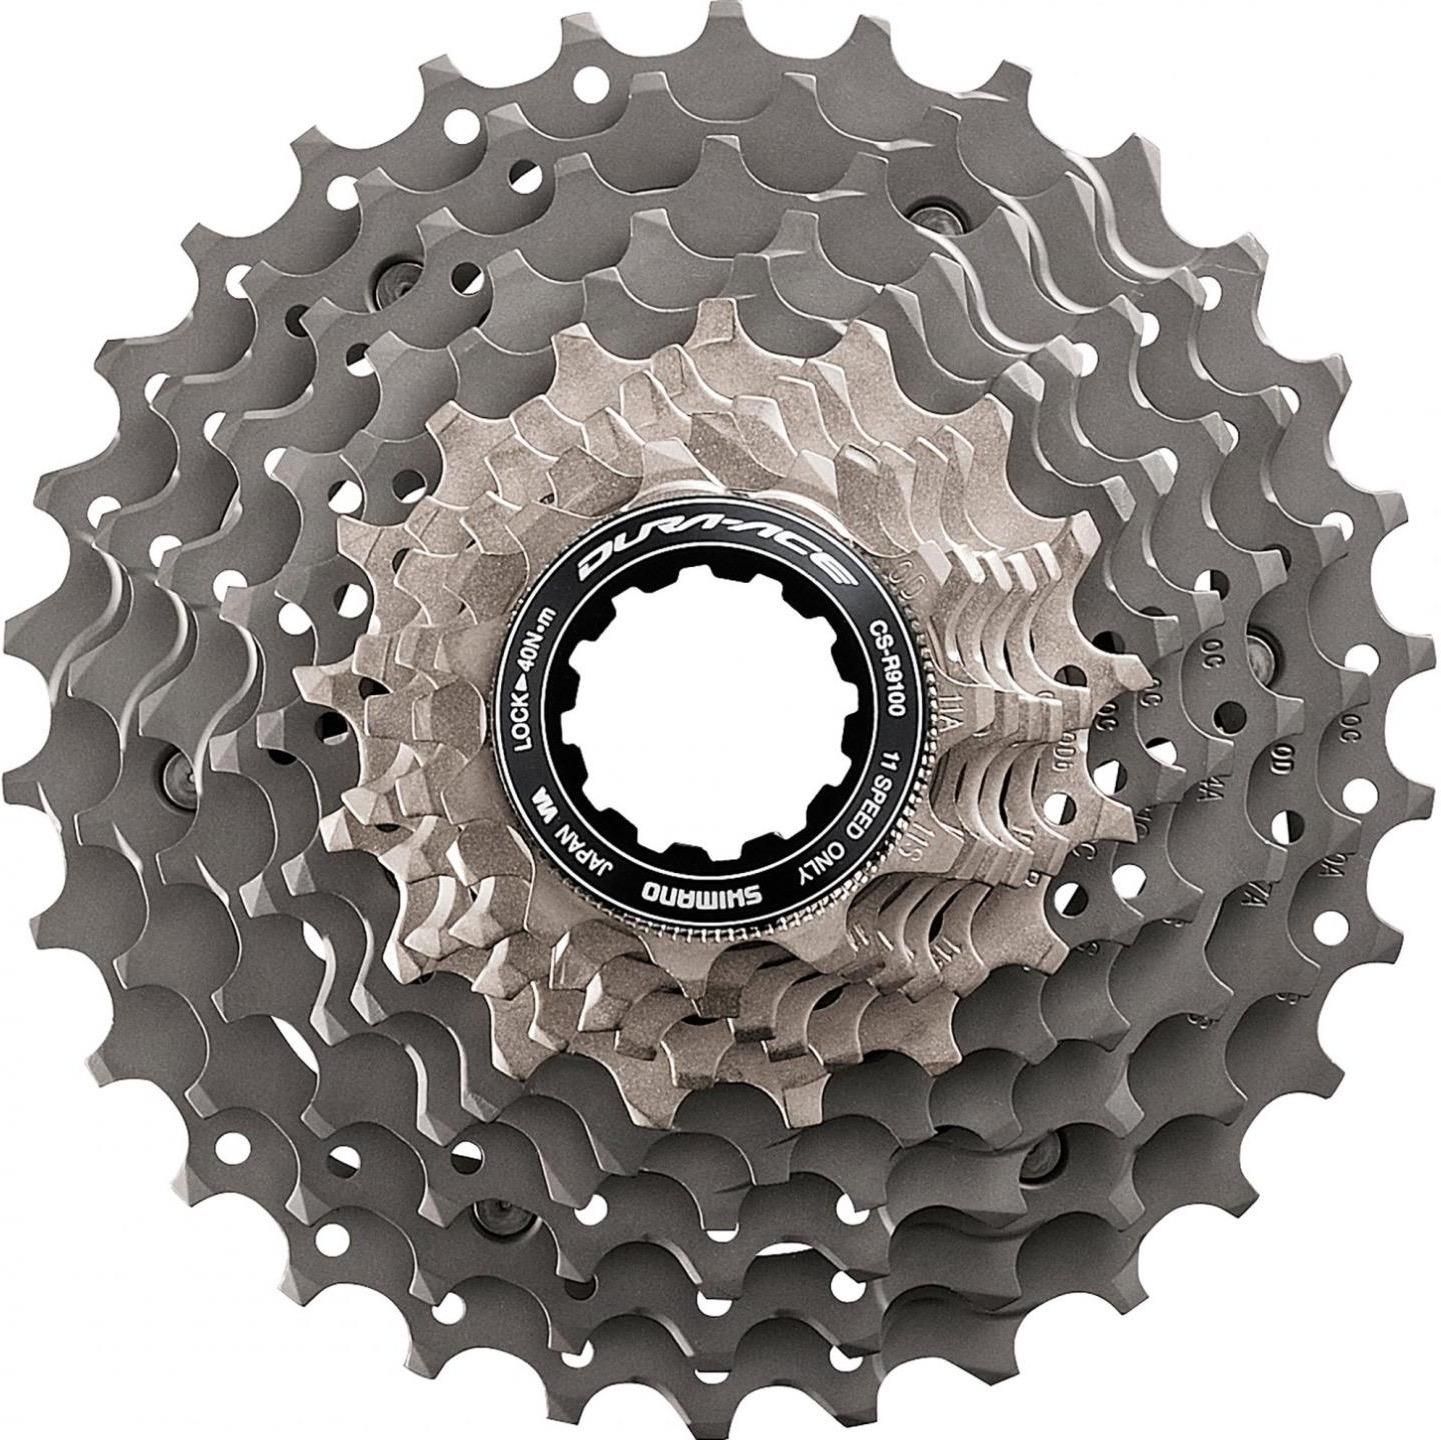 Кассета для велосипеда Shimano Dura-Ace, R9100, 11 скоростей, 12-28, ICSR910011228 цена